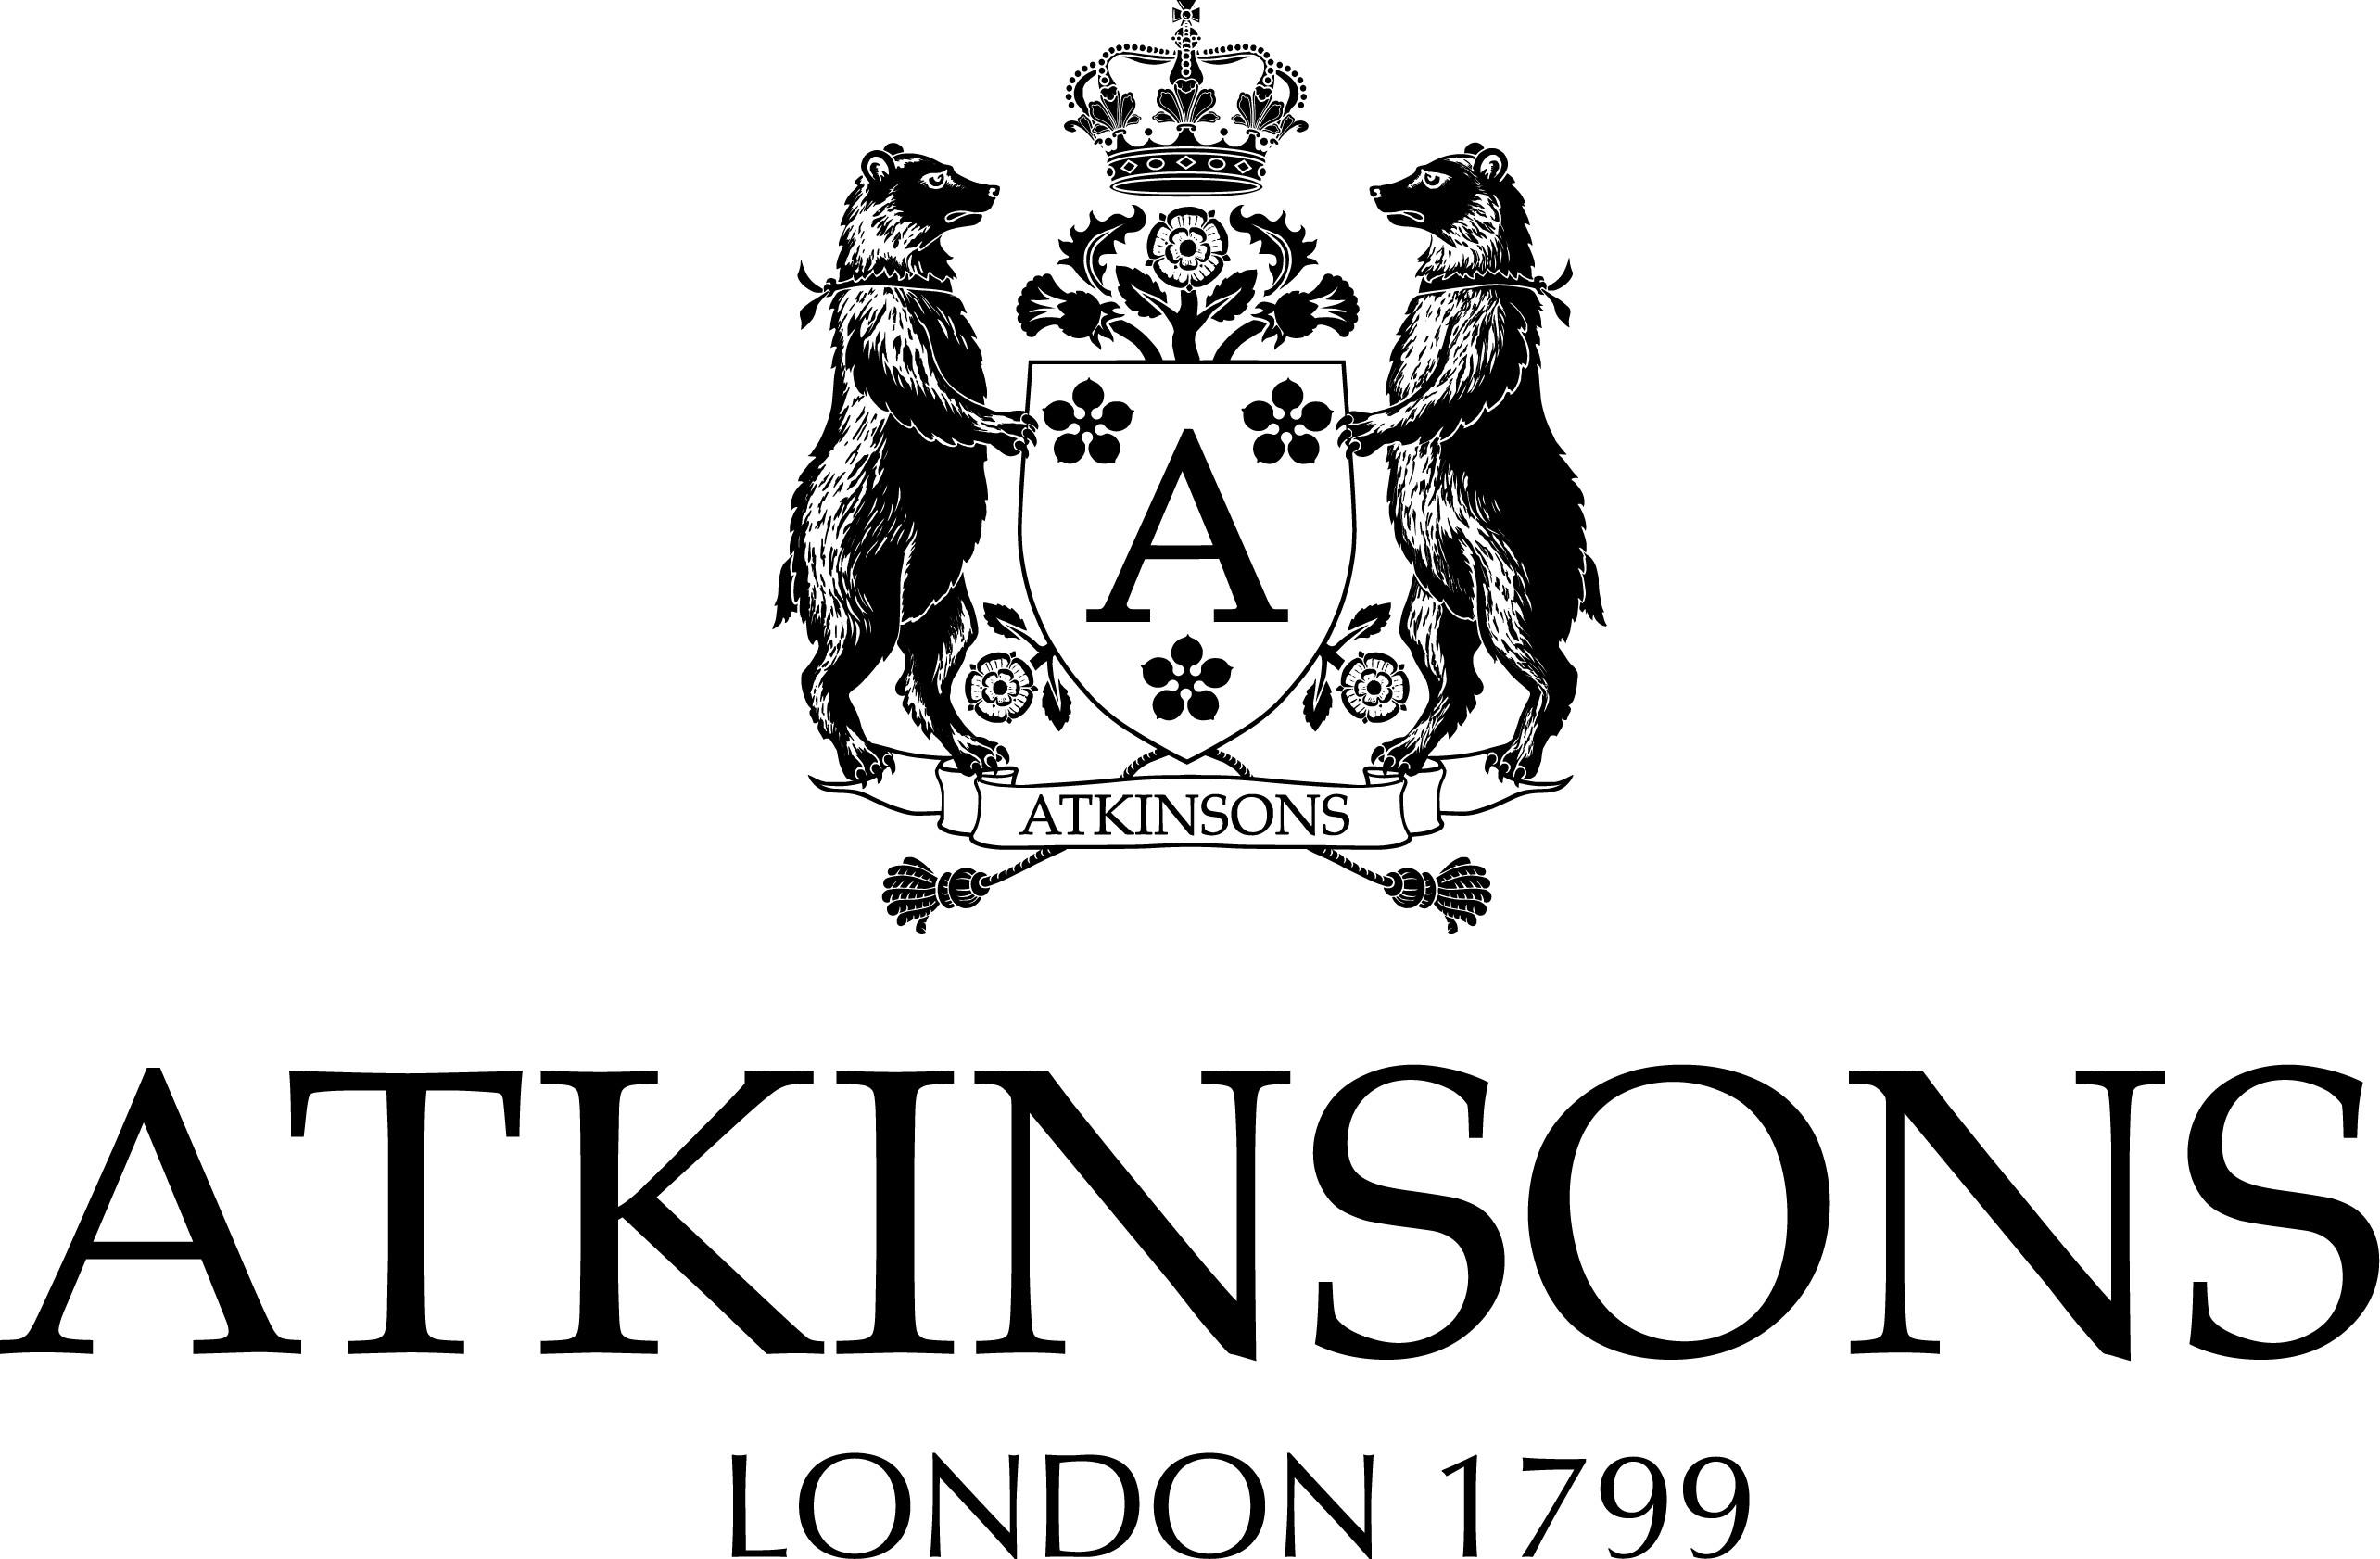 اتكينسونس Atkinsons